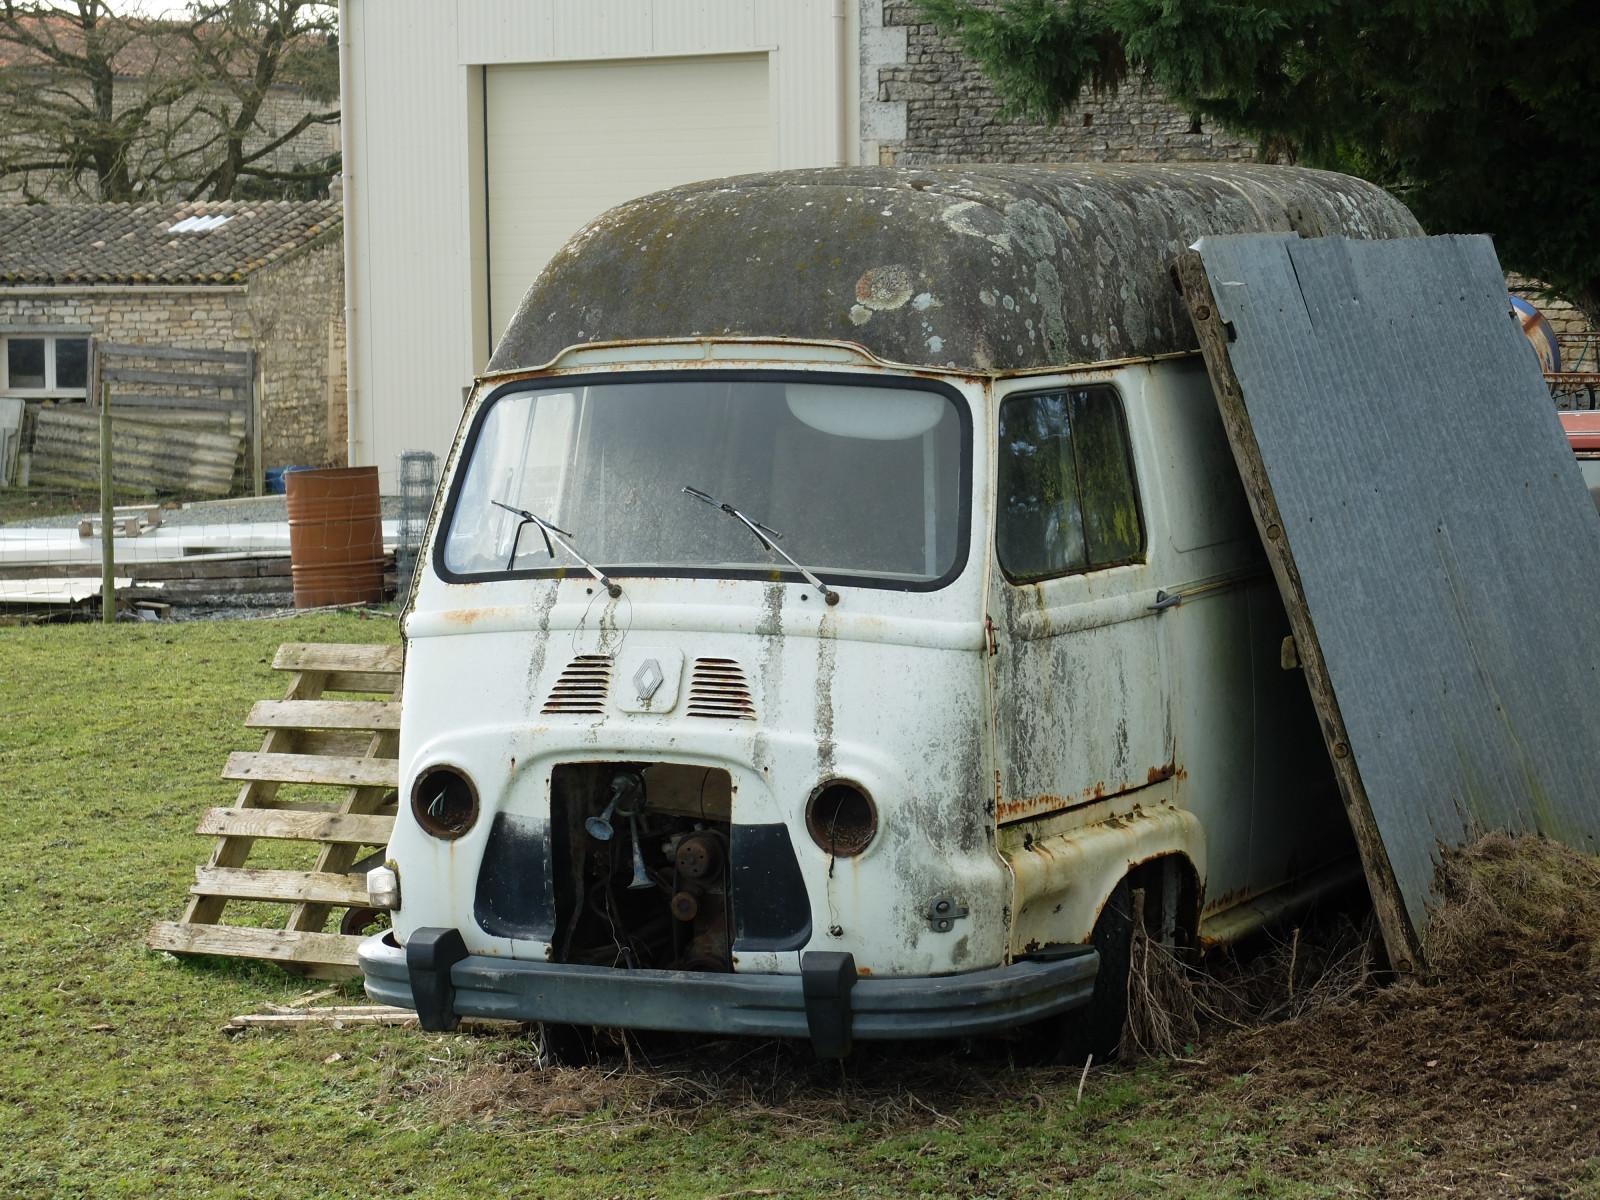 fond d 39 cran blanc vieux camions cru fran ais voiture ancienne renault voiture. Black Bedroom Furniture Sets. Home Design Ideas